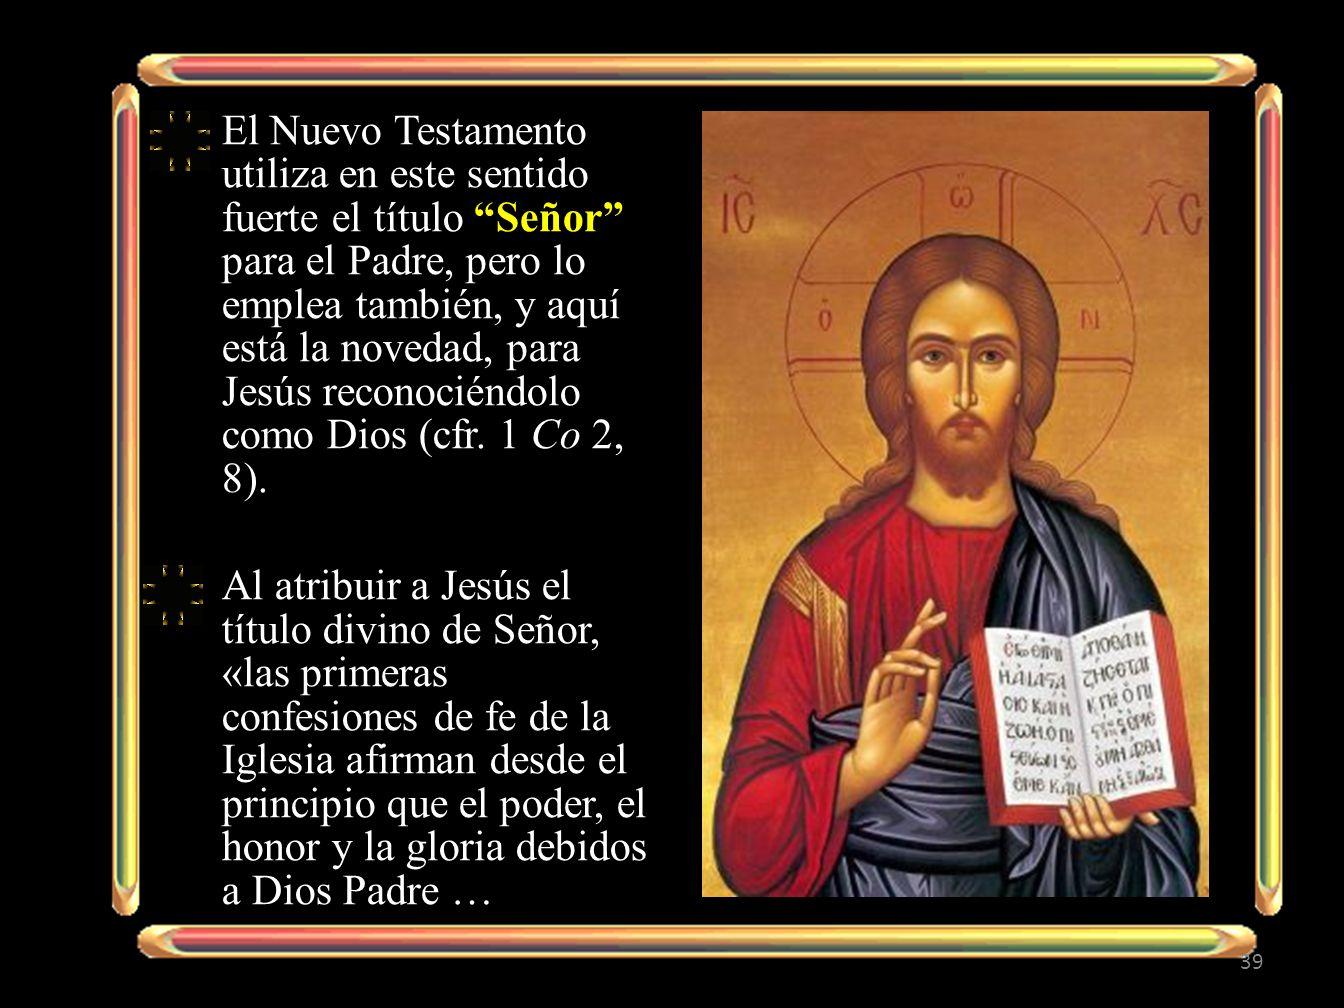 El Nuevo Testamento utiliza en este sentido fuerte el título Señor para el Padre, pero lo emplea también, y aquí está la novedad, para Jesús reconociéndolo como Dios (cfr. 1 Co 2, 8).